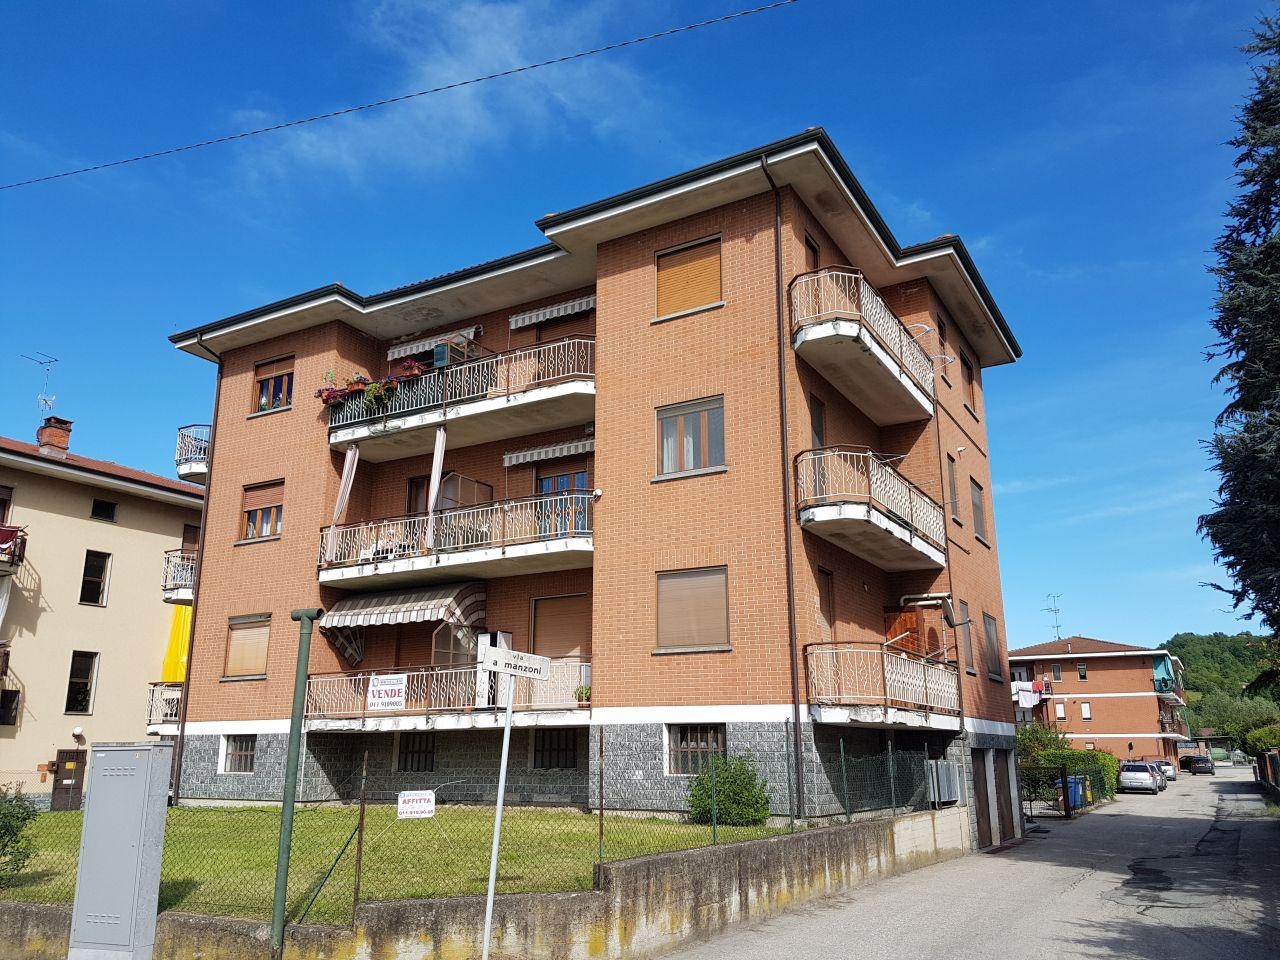 Appartamento in vendita a Cavagnolo, 3 locali, prezzo € 73.000 | CambioCasa.it